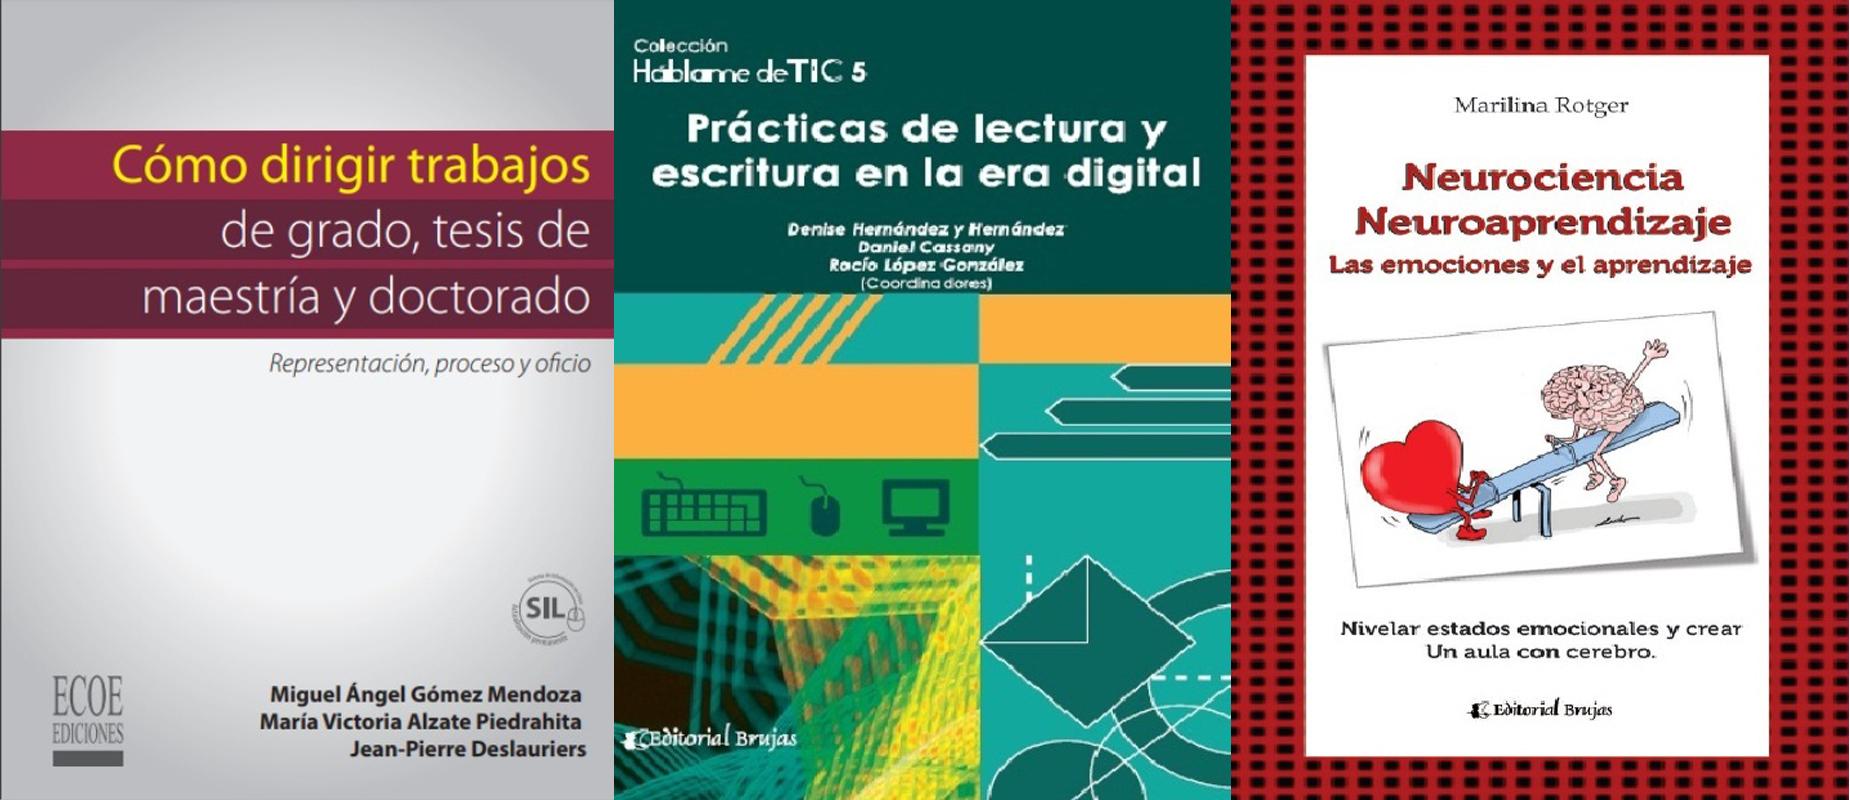 Inafocam pone treinta y ocho libros digitales a disposición de los ...